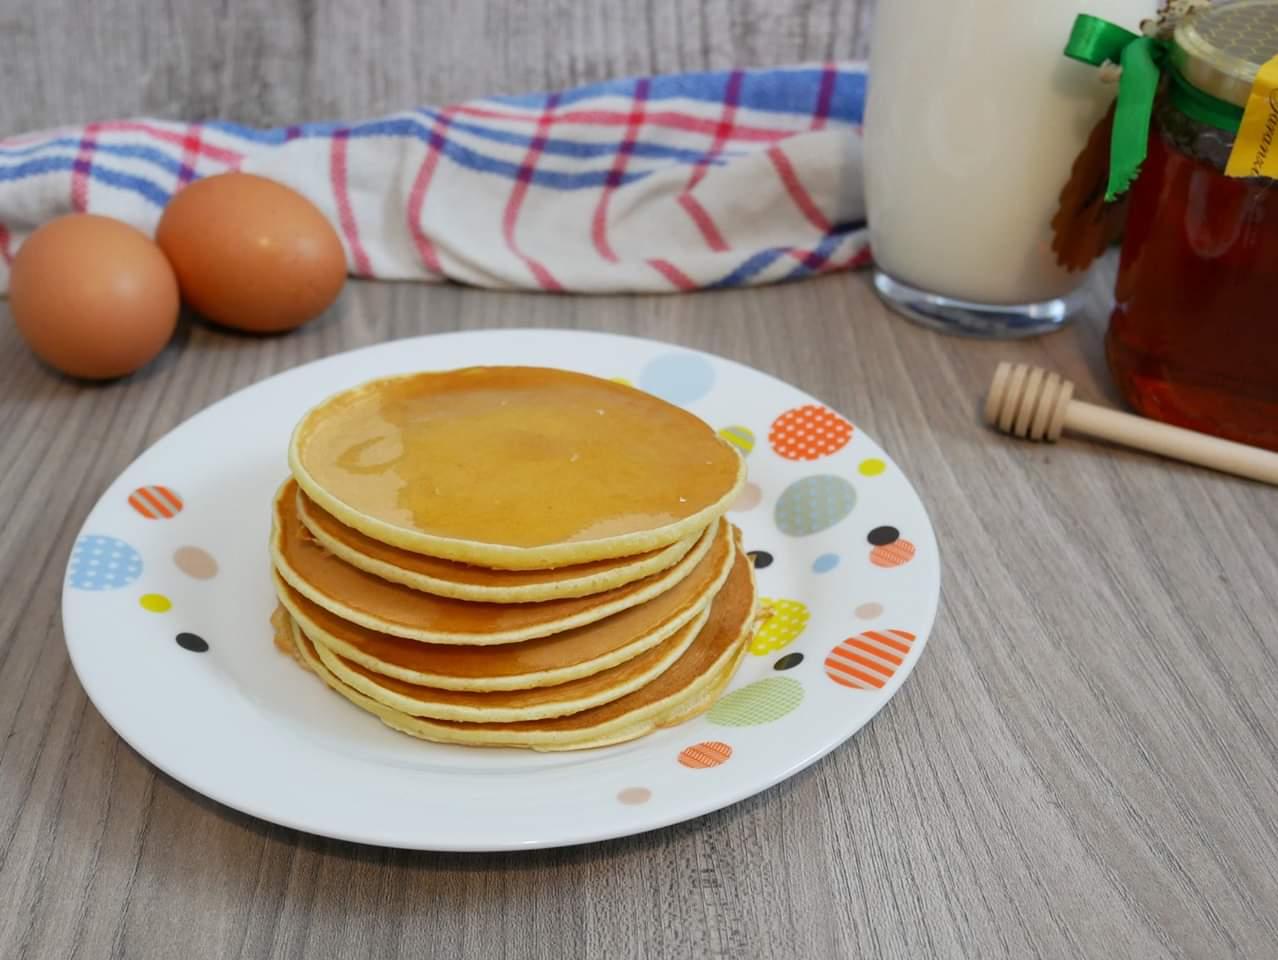 Ricetta Pancake Nella Bottiglia.Pancake In Bottiglia Valentinainpasta